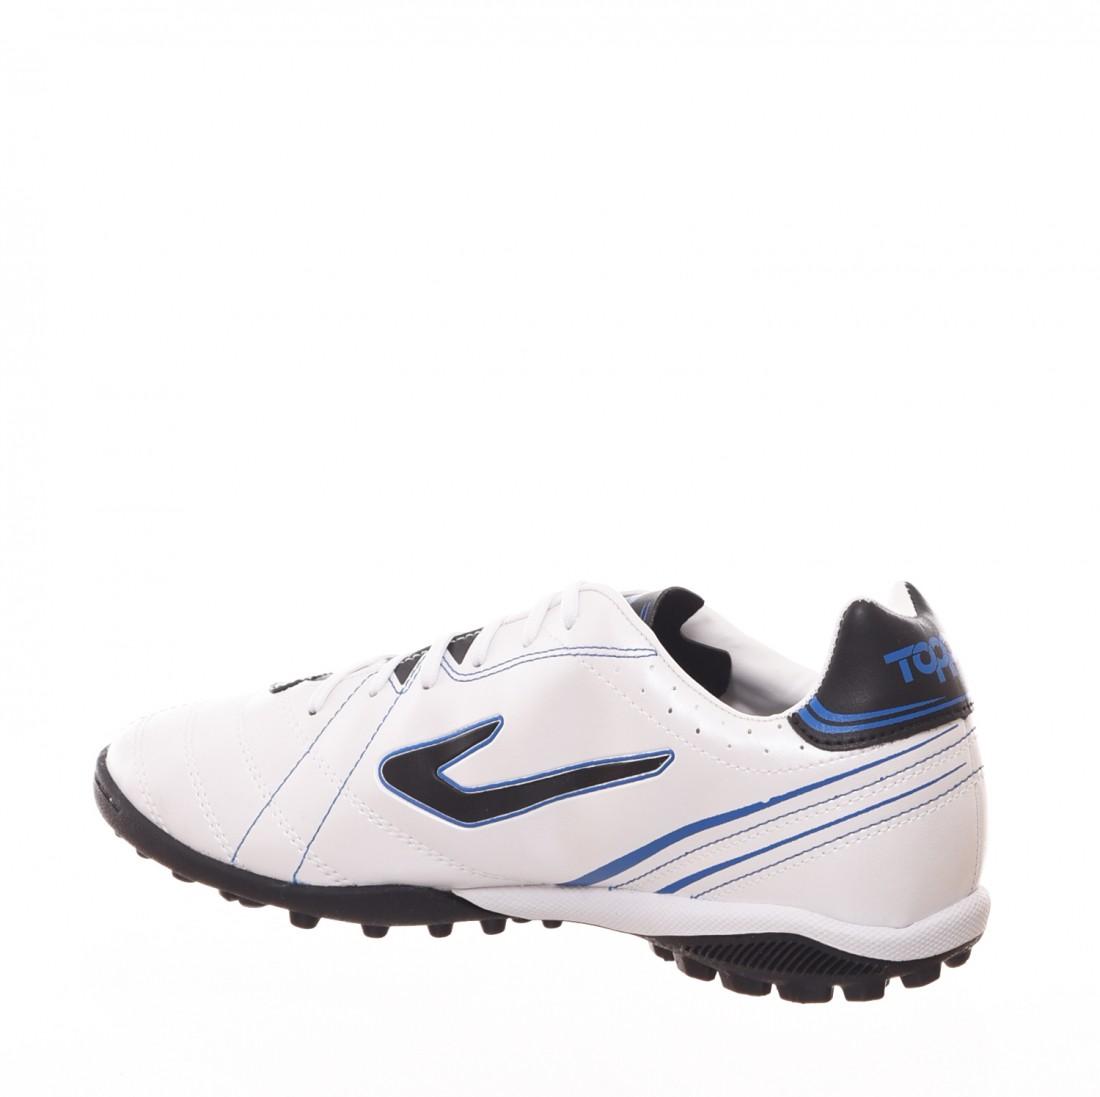 321ae4c45e ... Chuteira Society Topper Titanium 6 Detalhe Costura Branco e Azul ...